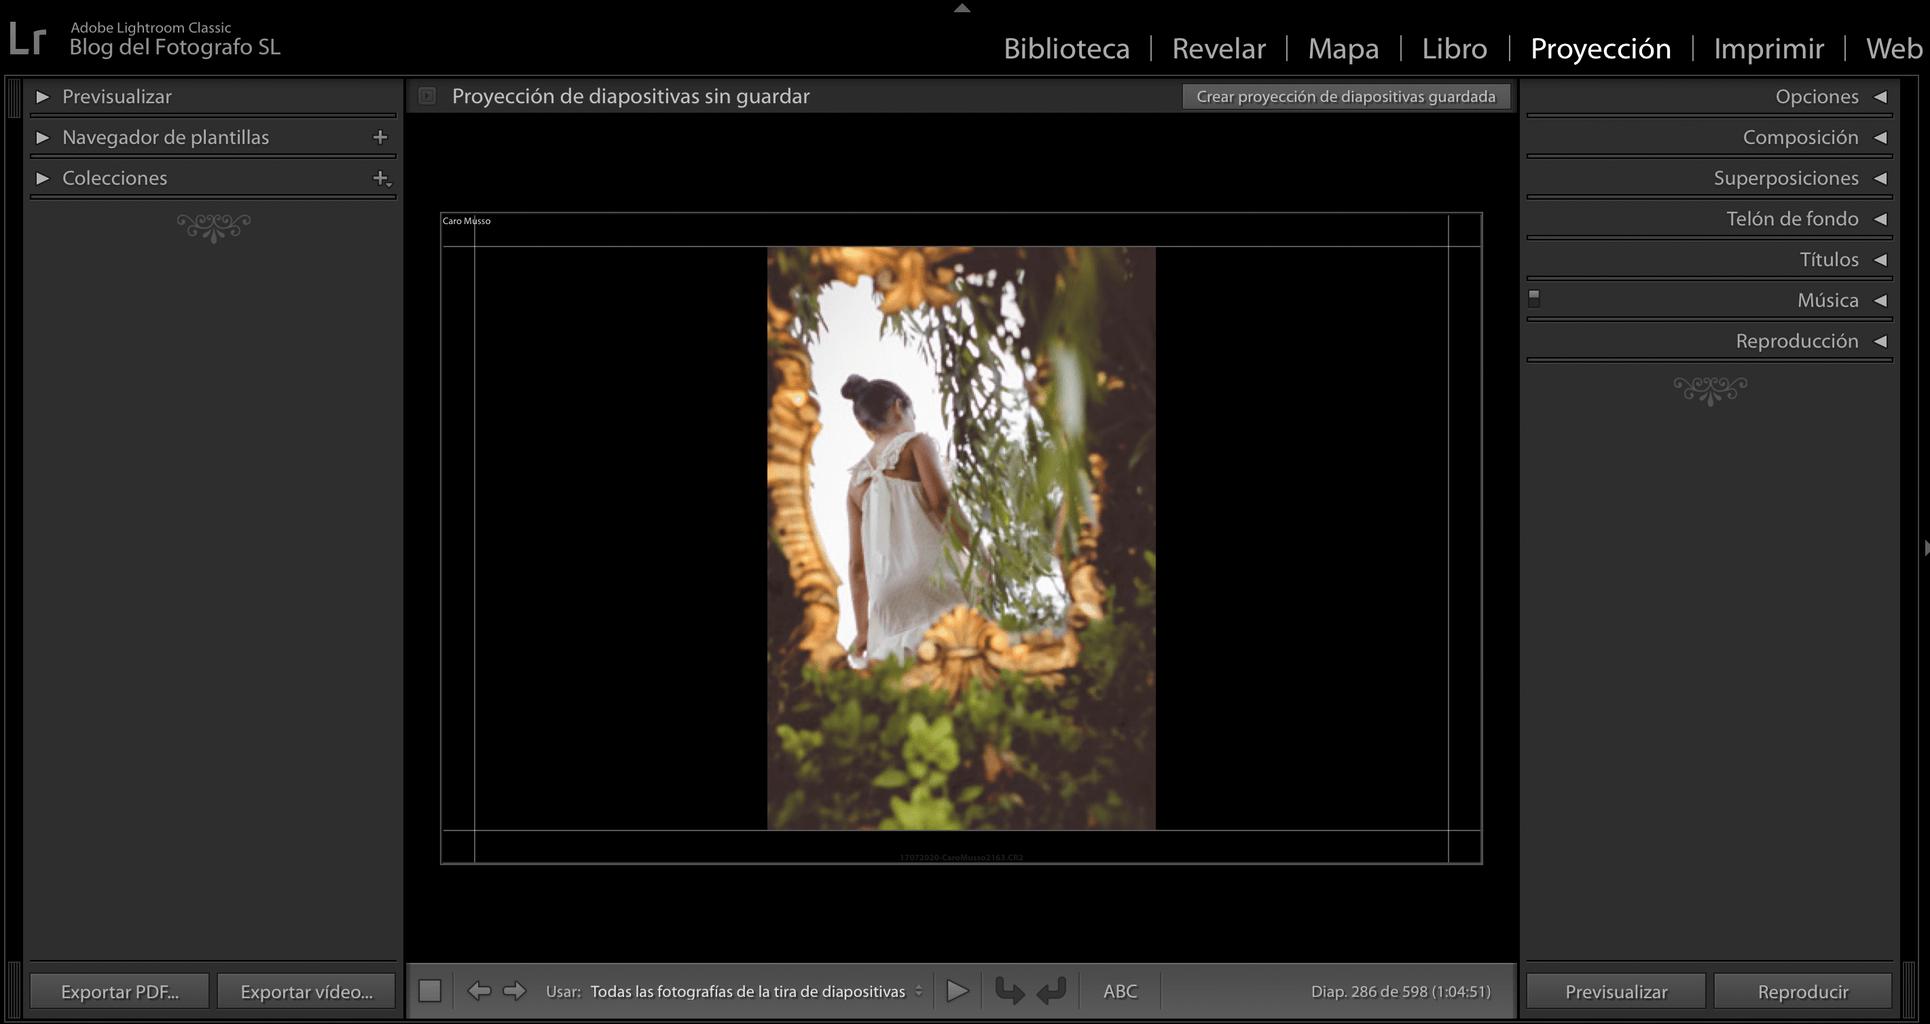 Módulo de proyección de diapositivas en Lightroom